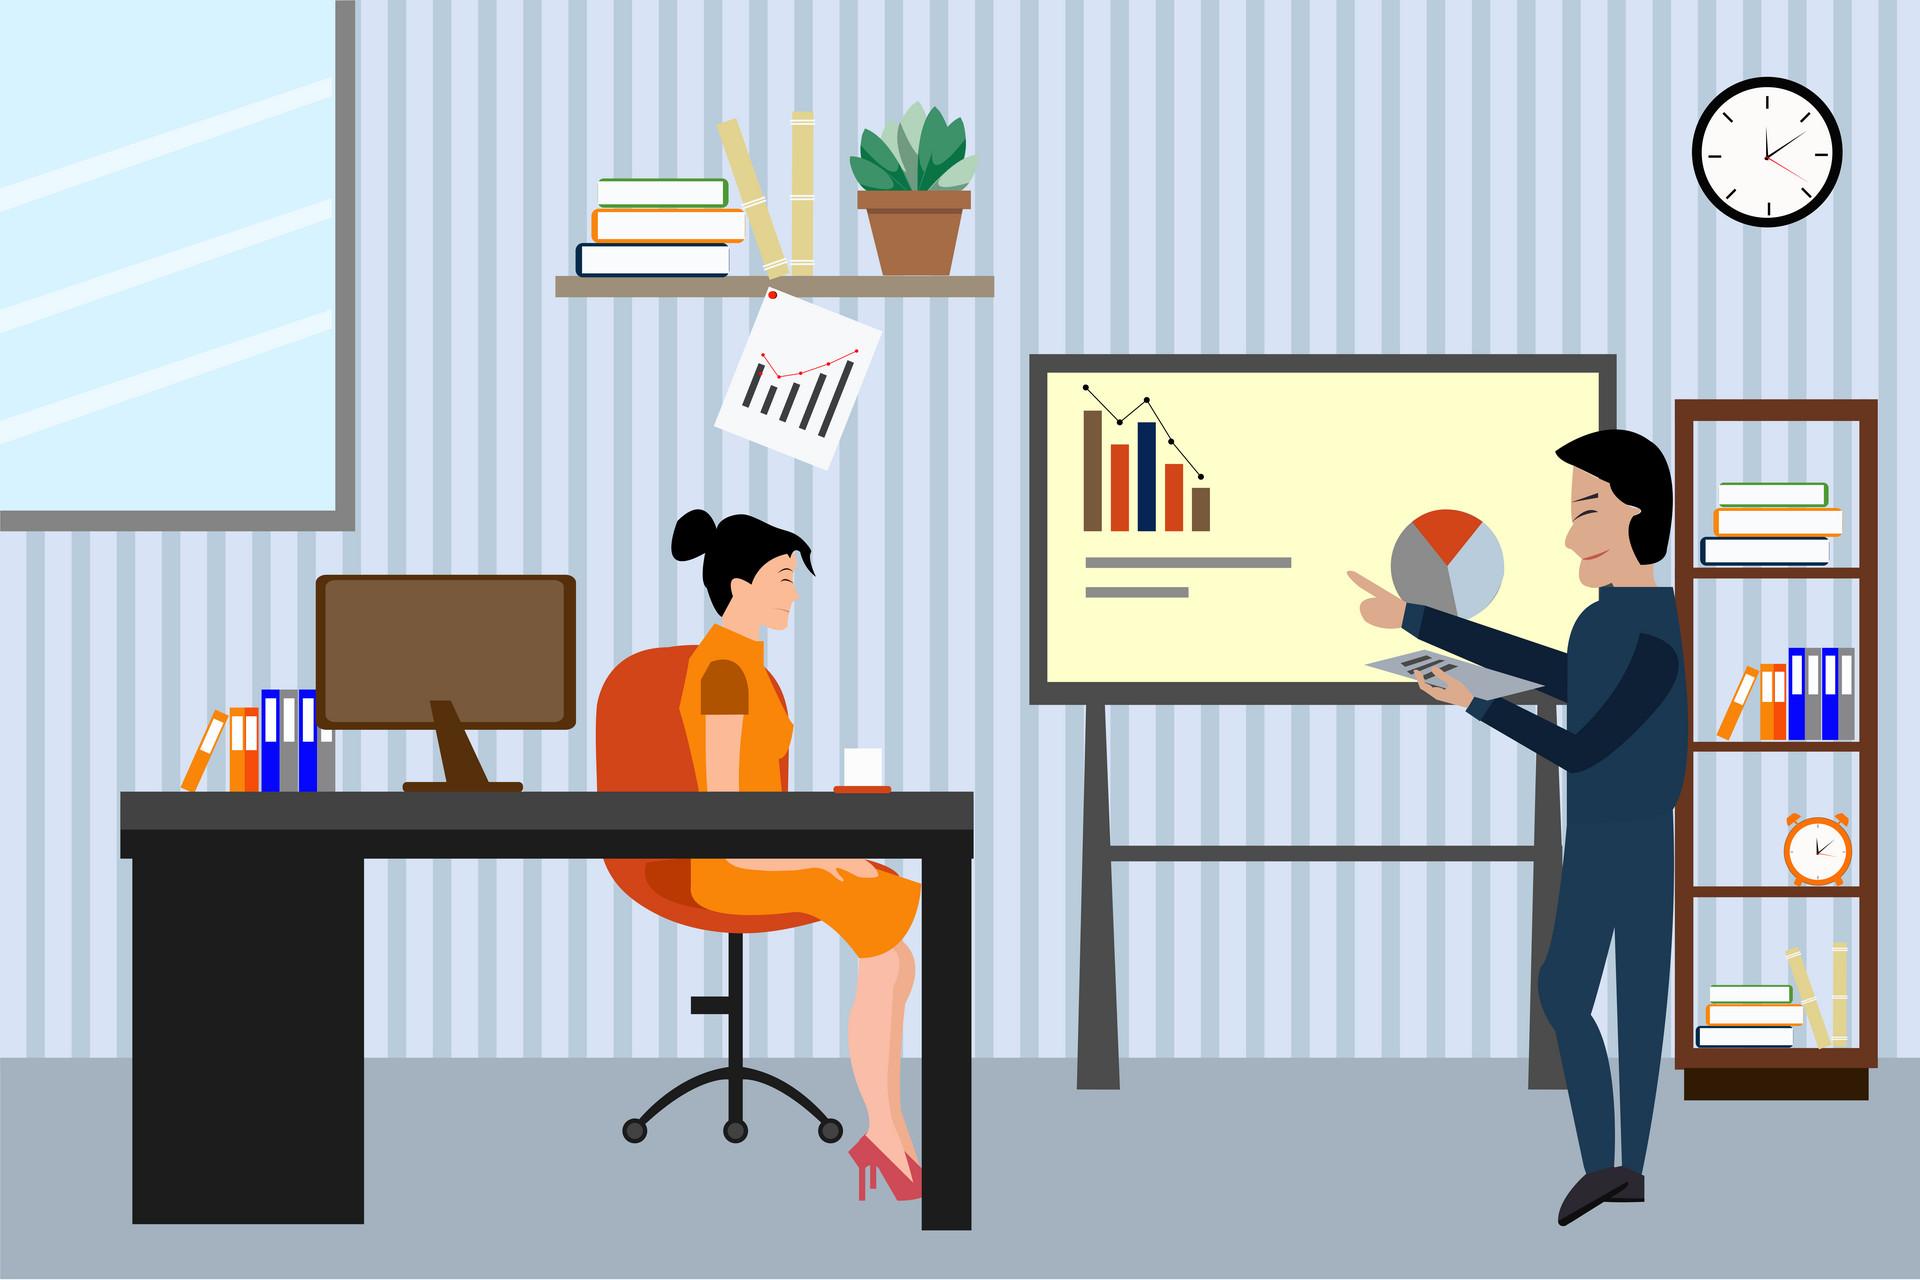 与专业平台合作 利用短信发送工资条有何好处